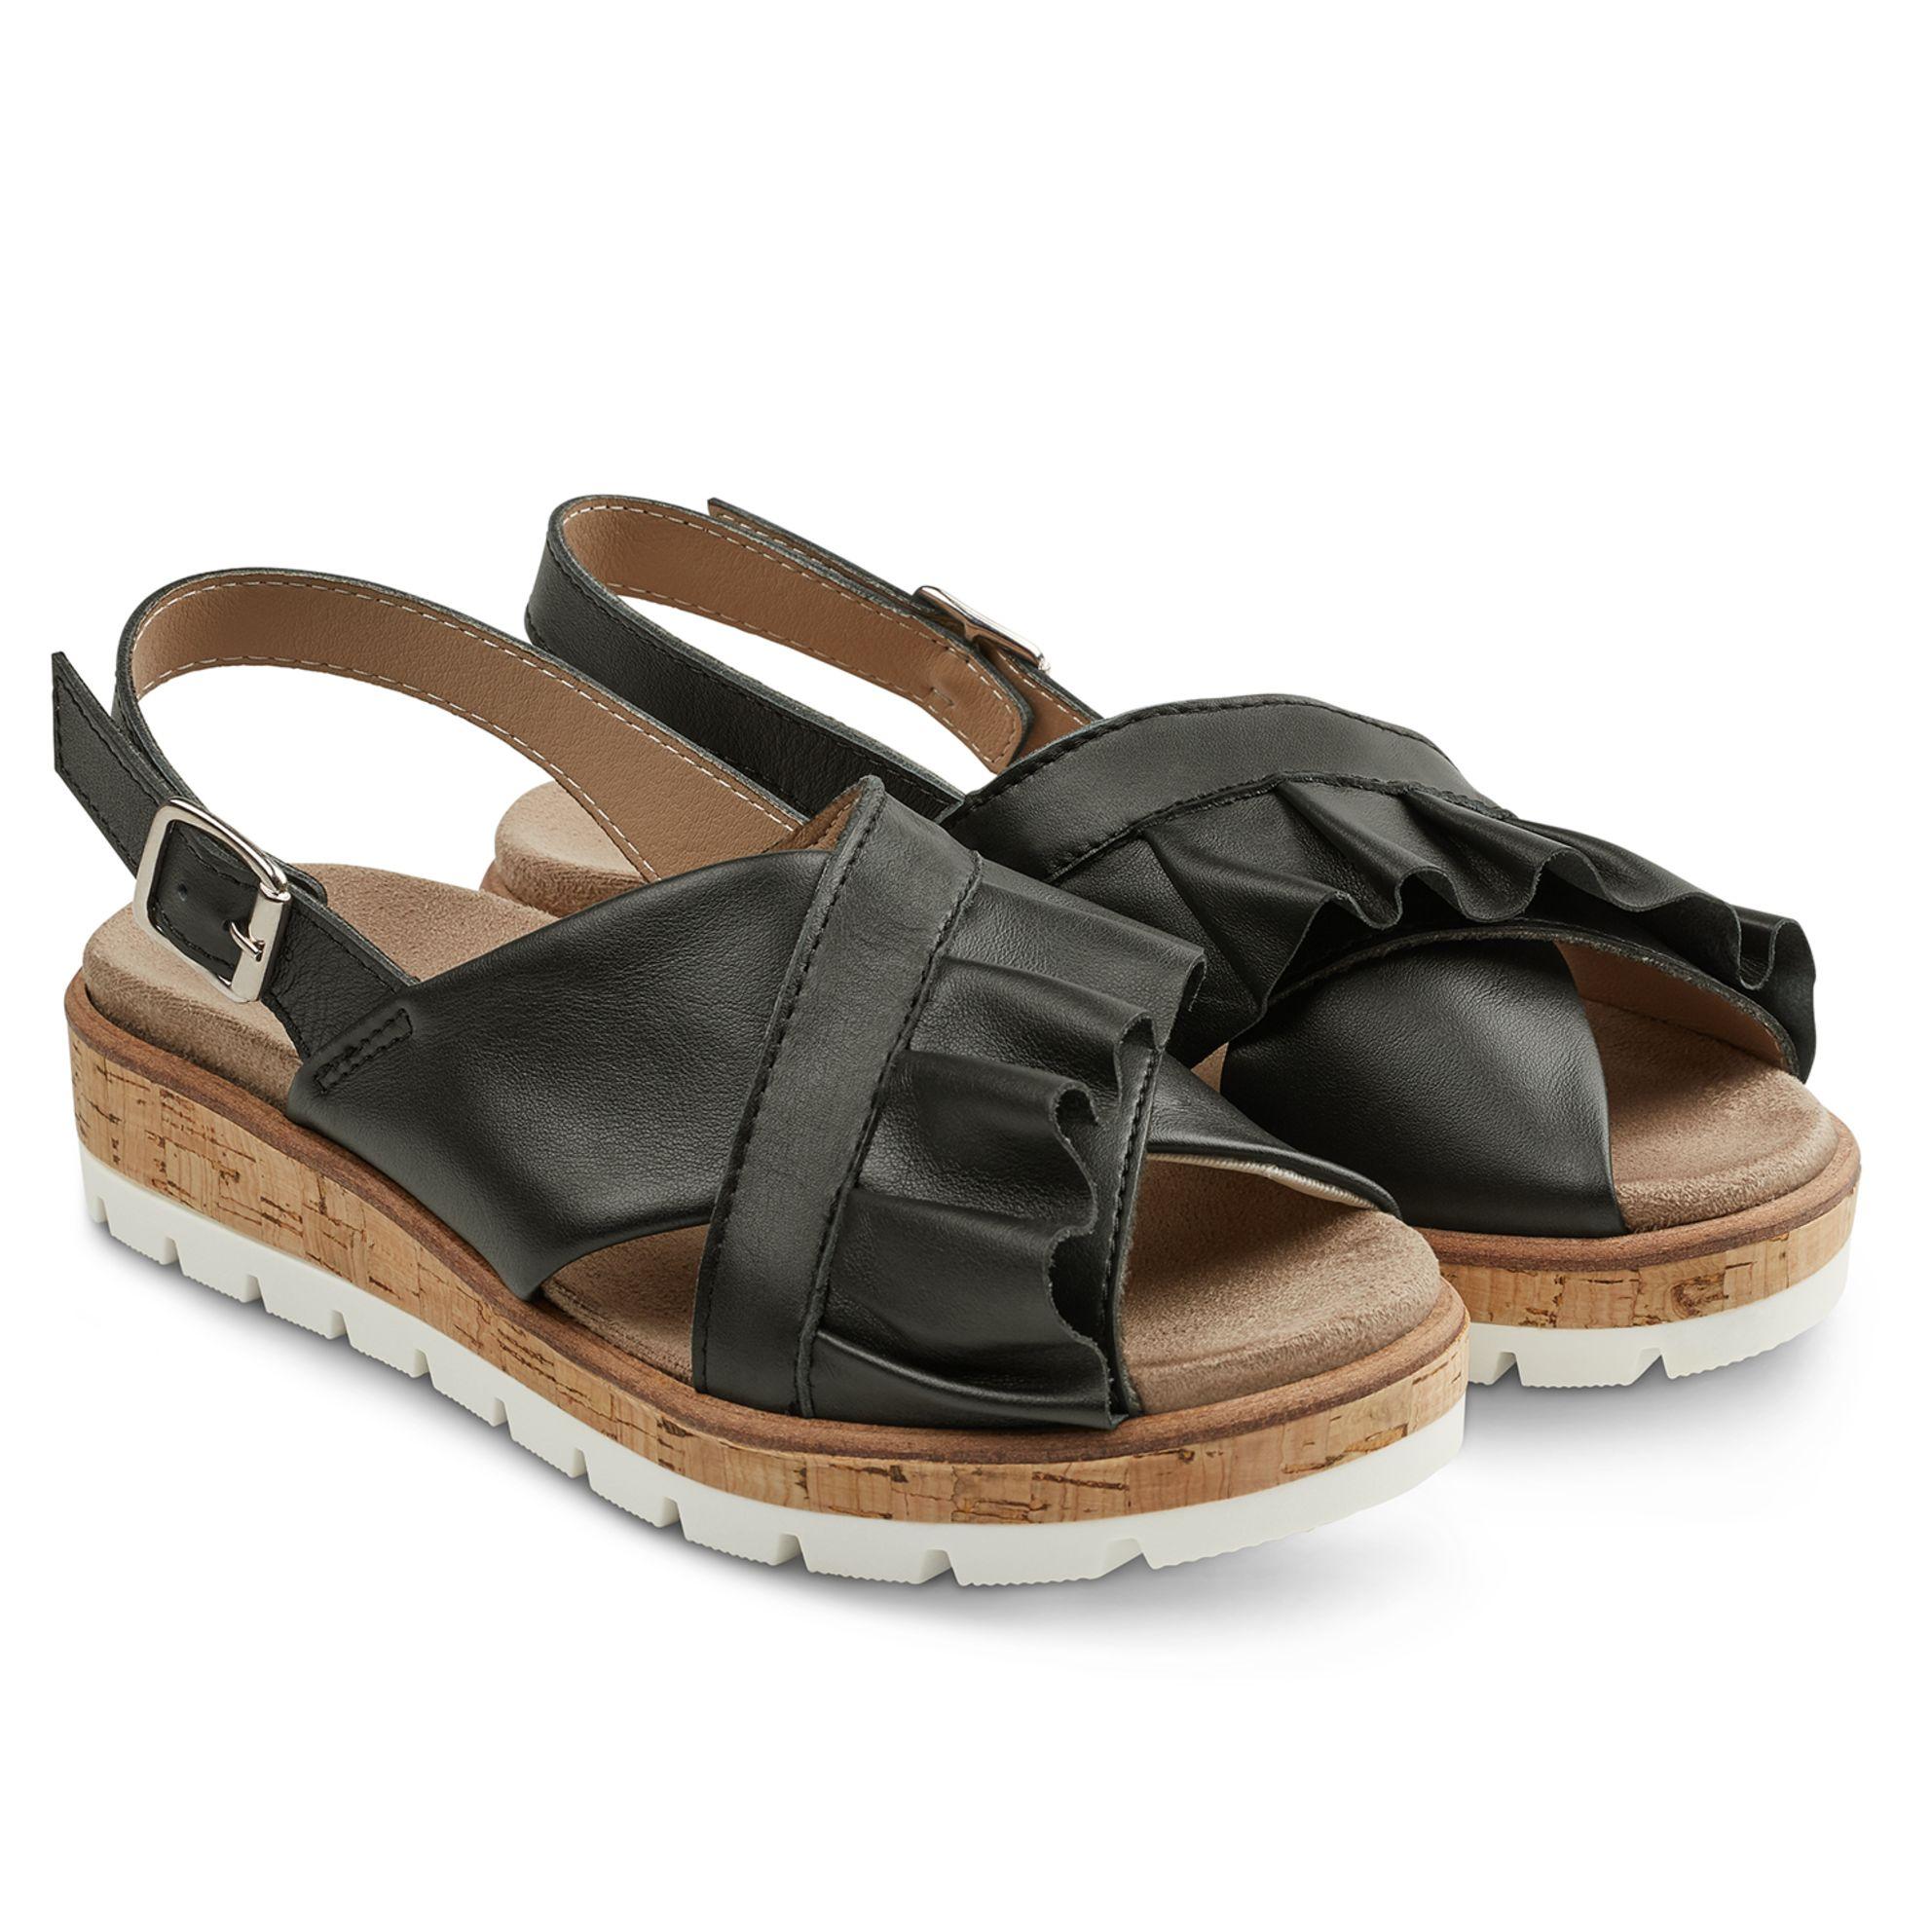 Sandale Kreuzriemen mit Volant Schwarz – modischer und bequemer Schuh für Hallux valgus und empfindliche Füße von LaShoe.de